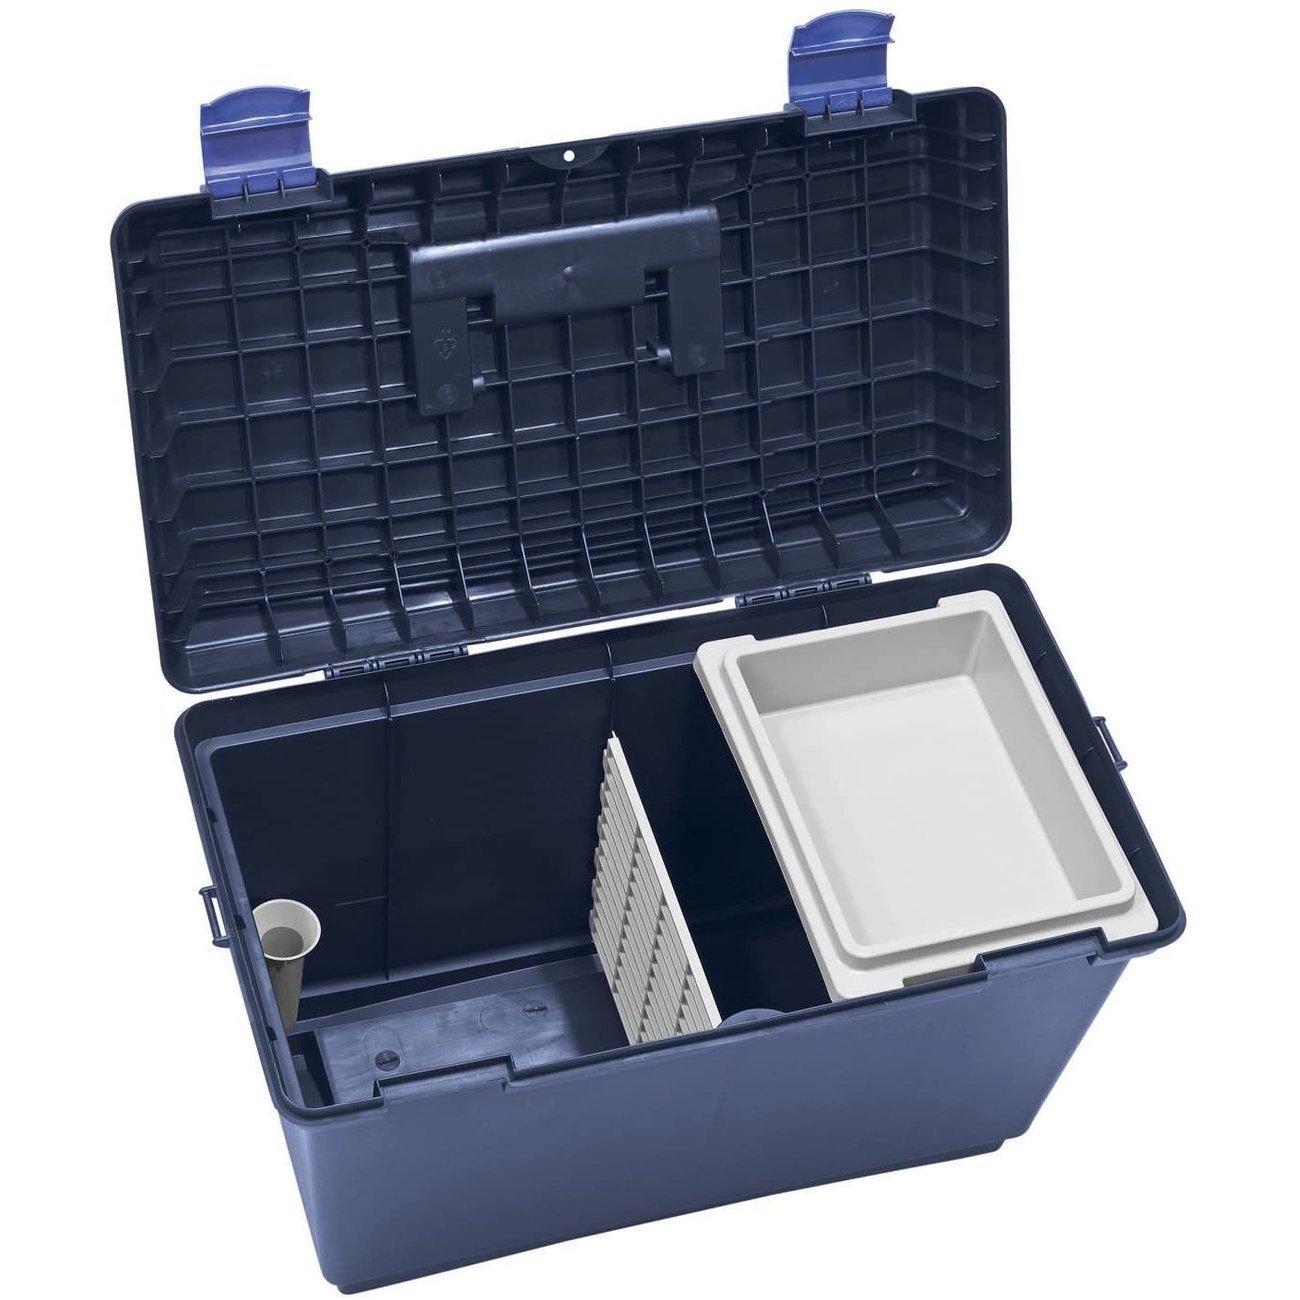 BUSSE Putzbox CLASSICO, Bild 2